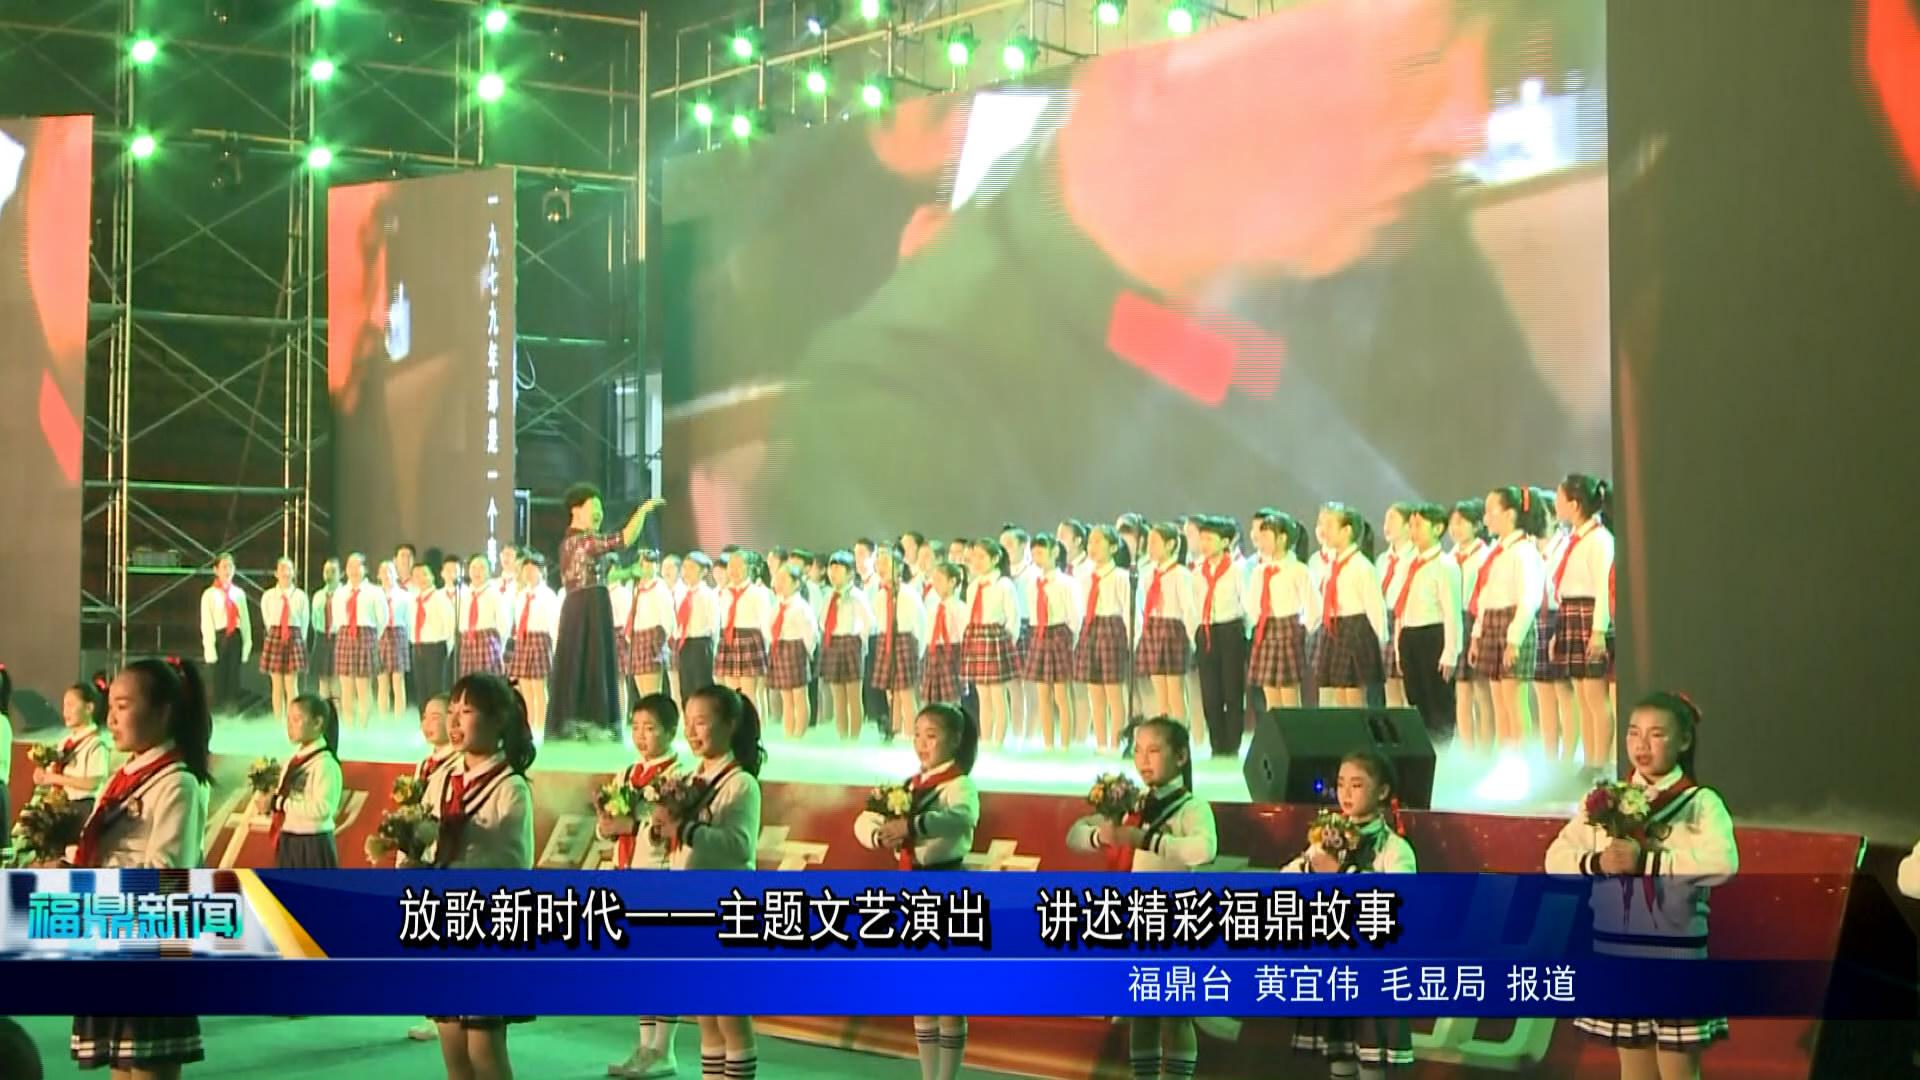 放歌新期间---庆贺革新开放40周年文艺上演